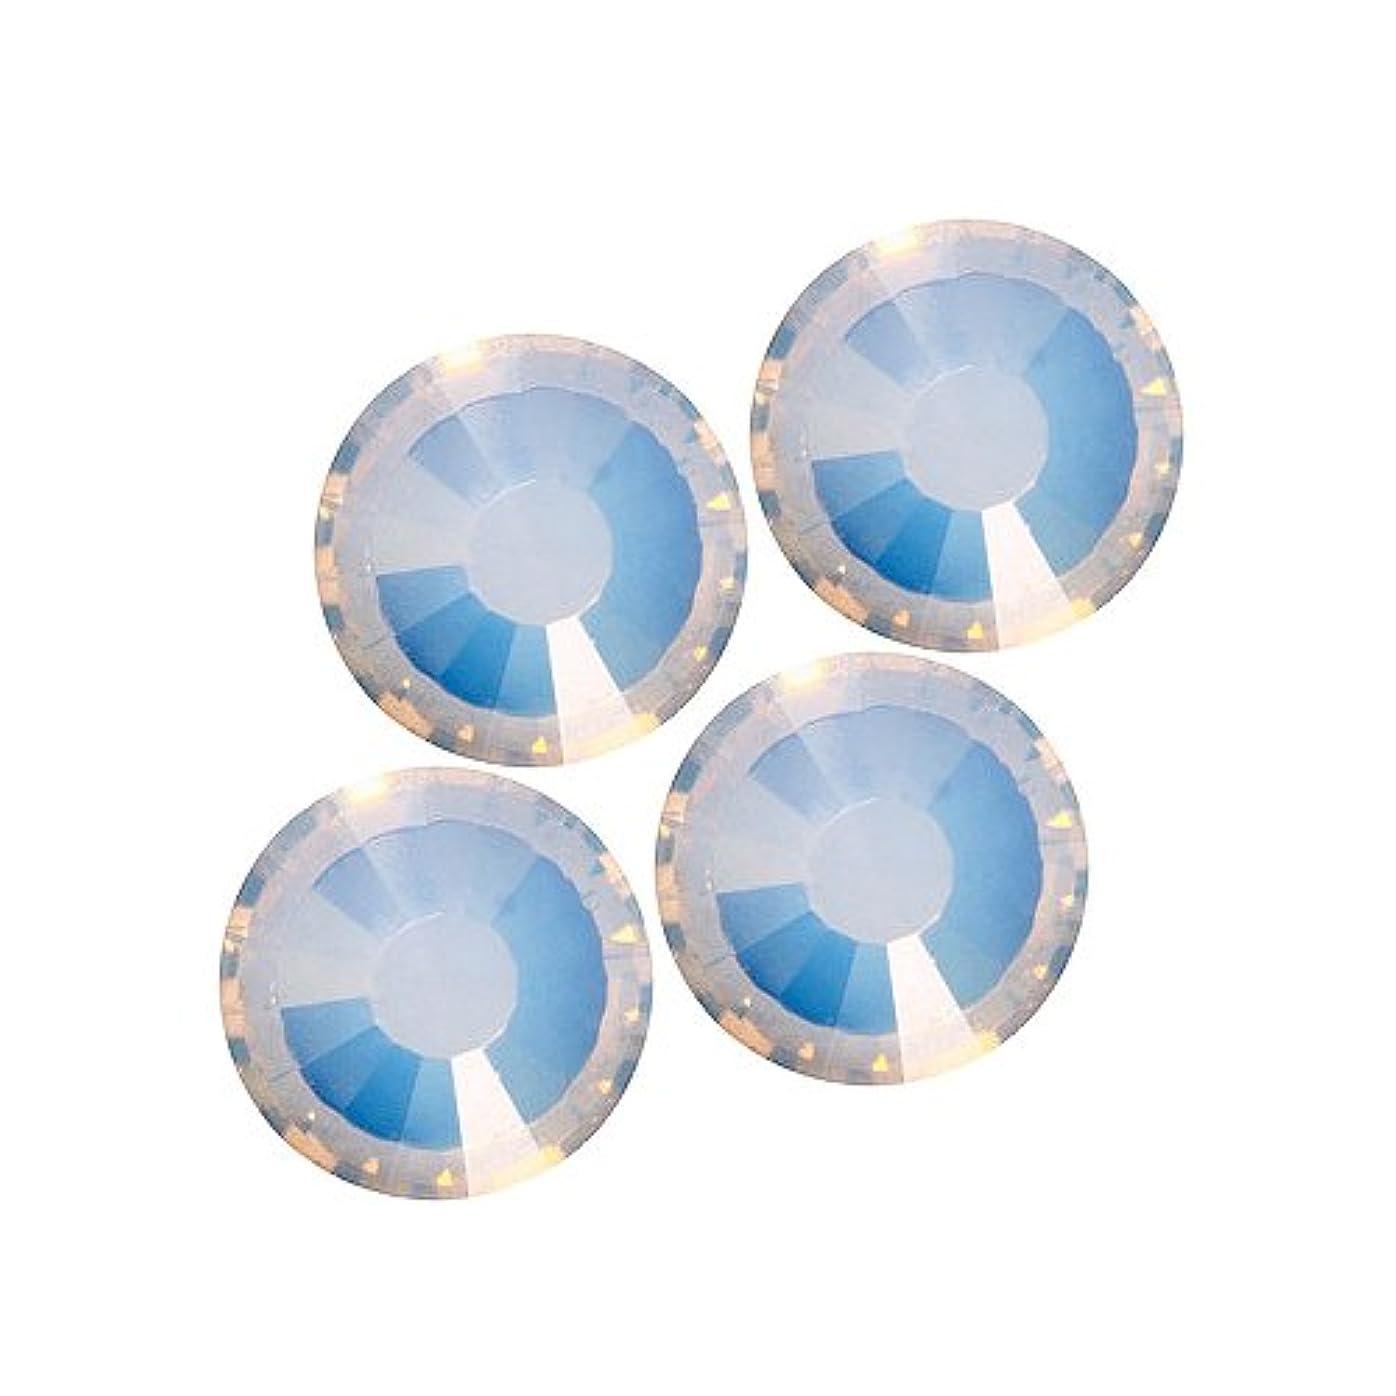 ピル味付けベッドを作るバイナル DIAMOND RHINESTONE ホワイトオパールSS8 1440粒 ST-SS8-WHO-10G